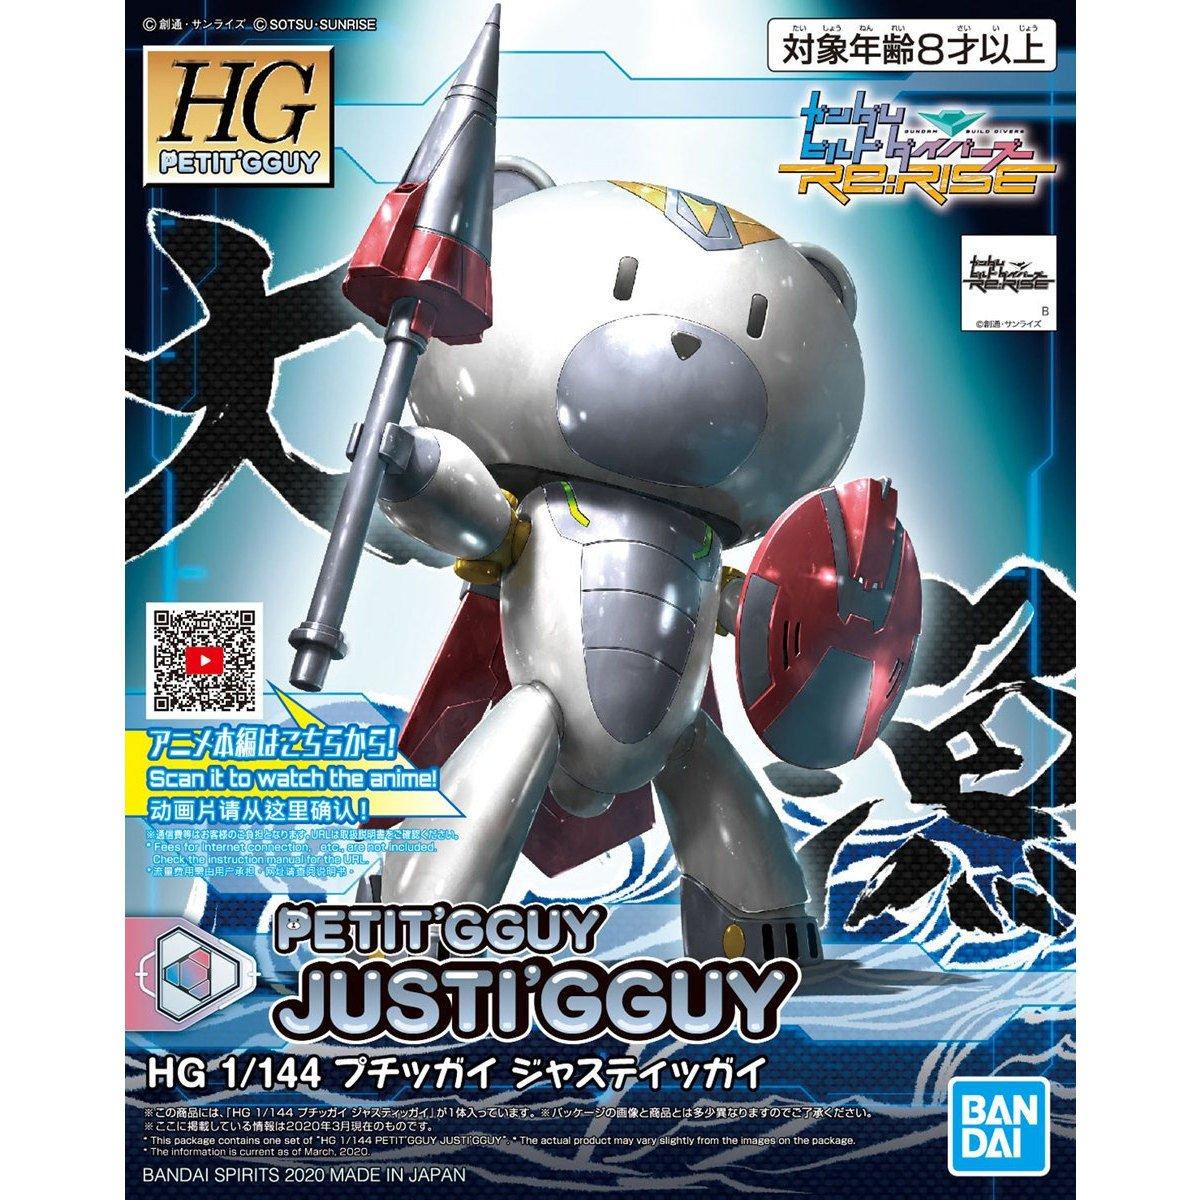 鋼彈gundam組合模型 HGPG 1/144 創鬥者 #23 迷你凱 正義凱